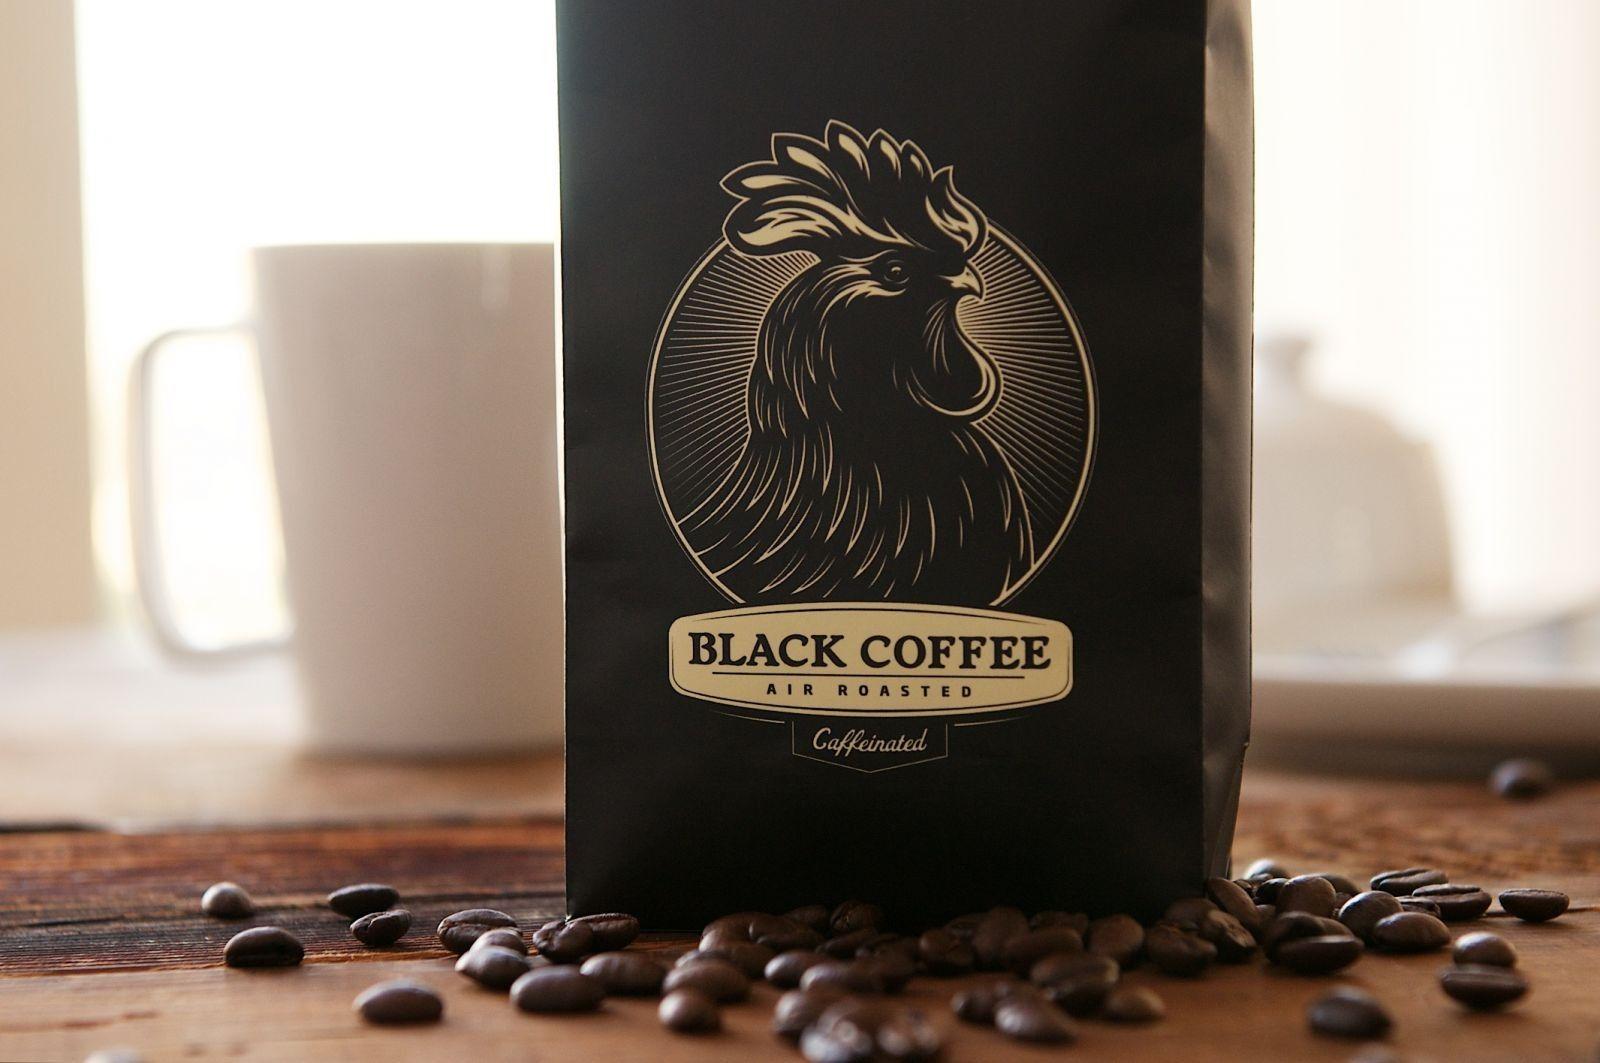 Pin de jose antonio alfonso cea en Coffee (con imágenes)